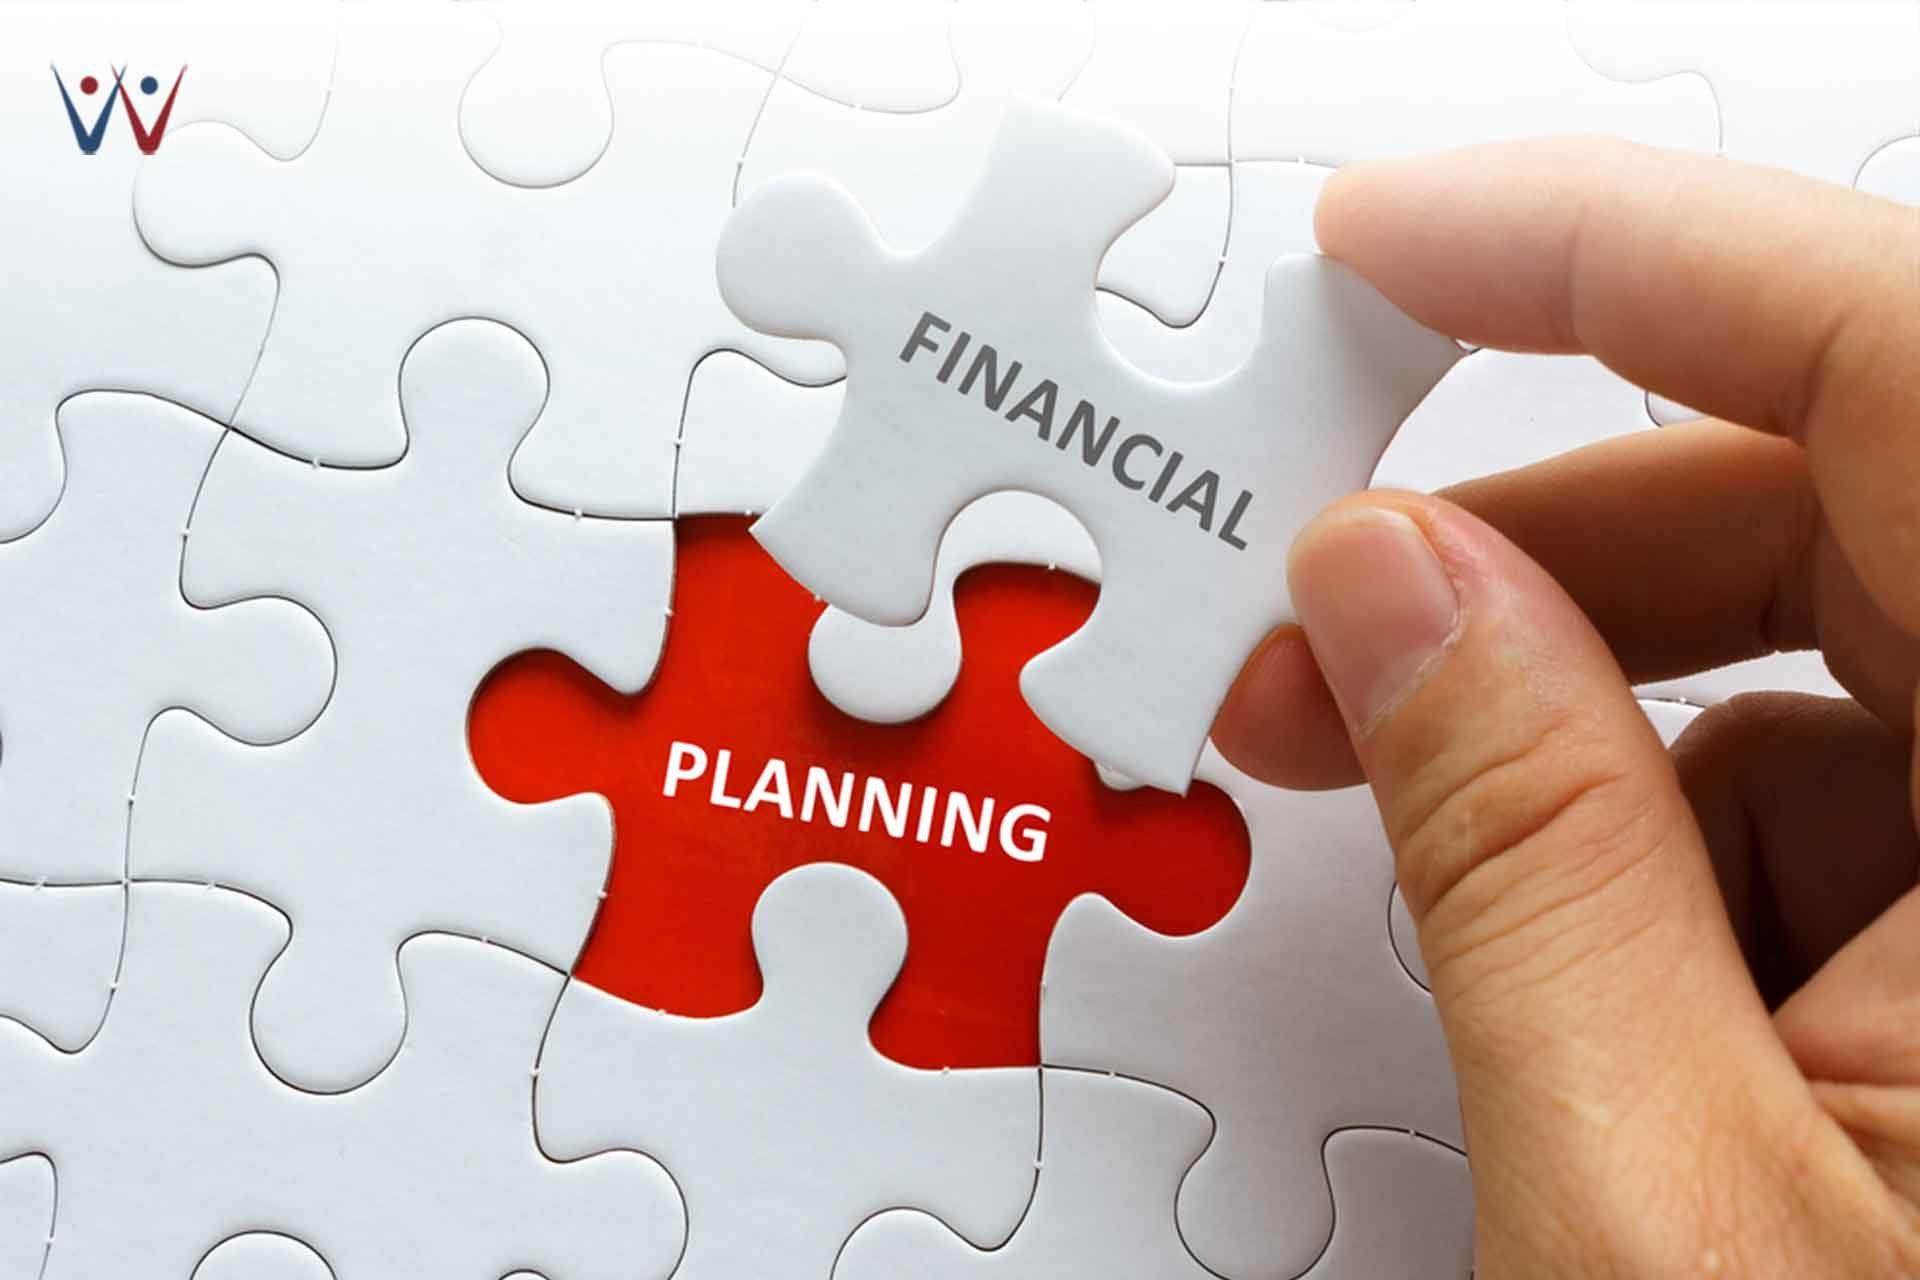 4 Cara Kekinian dalam Mengatur Finansial Anda- menabung-gaji - uang - sukses- mencatat pengeluaran-7 Keterampilan Uang Agar Kamu Bisa Pensiun Dini-hemat-cara-atur-uang-teknik-peer to peer lending-Ikuti Program Pensiun Pegawai-Membuat Rencana Anggaran Setiap Bulan - resolusi tahun baru-Bantu Pasangan Kamu untuk Mempersiapkan Dana Pensiun Yuk!